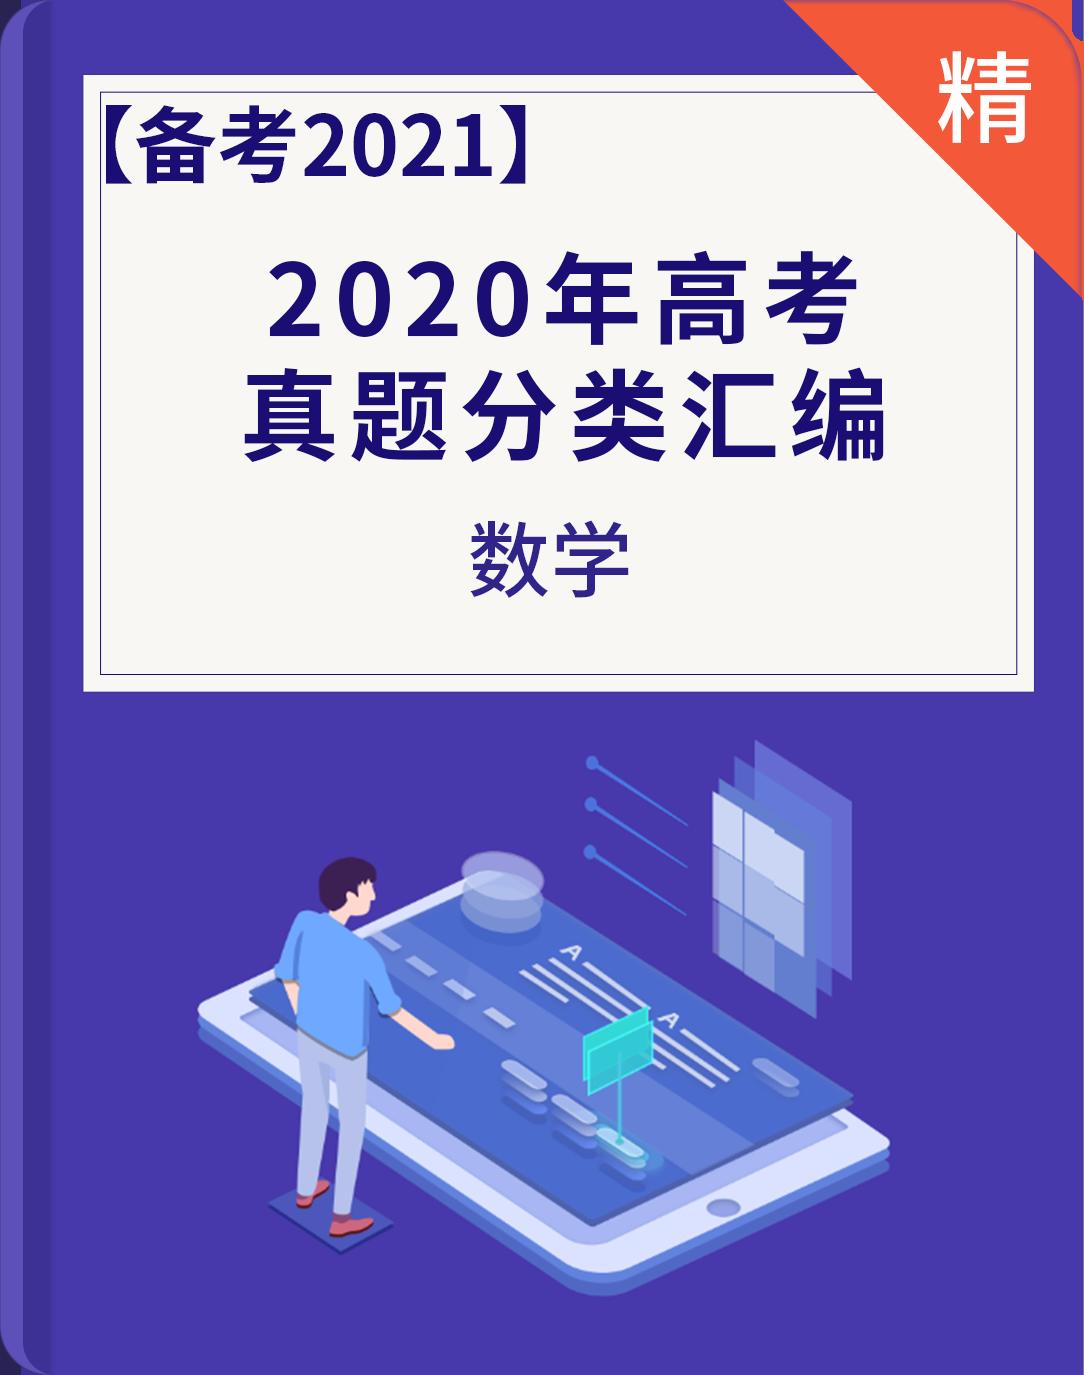 【备考2021】2020年高考数学真题分类汇编(含解析)